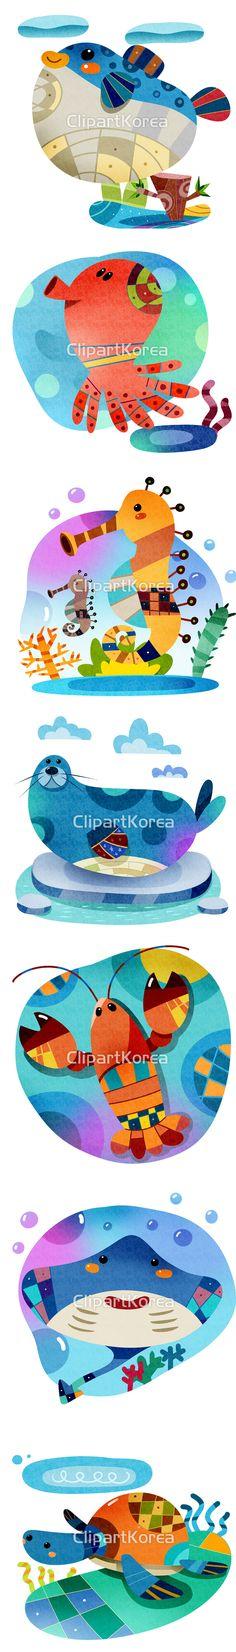 귀여운 바다 친구들 모음 :) What a cute Shellfish :) #클립아트코리아 #이미지투데이 #통로이미지 #psd #포토샵 #귀여움 #동물 #무늬 #문어 #해마 #복어 #가오리 #거북이 #가재 #물범 #어패류 #일러스트 #캐릭터 #패턴 #페인터 #cute #animal #pattern #octopus #puffer #fish #stingray #turtle #hippocampus #lobster #fishery #seal #character #pattern #illustration #Painter #clipartkorea #imagetoday #tongroimages